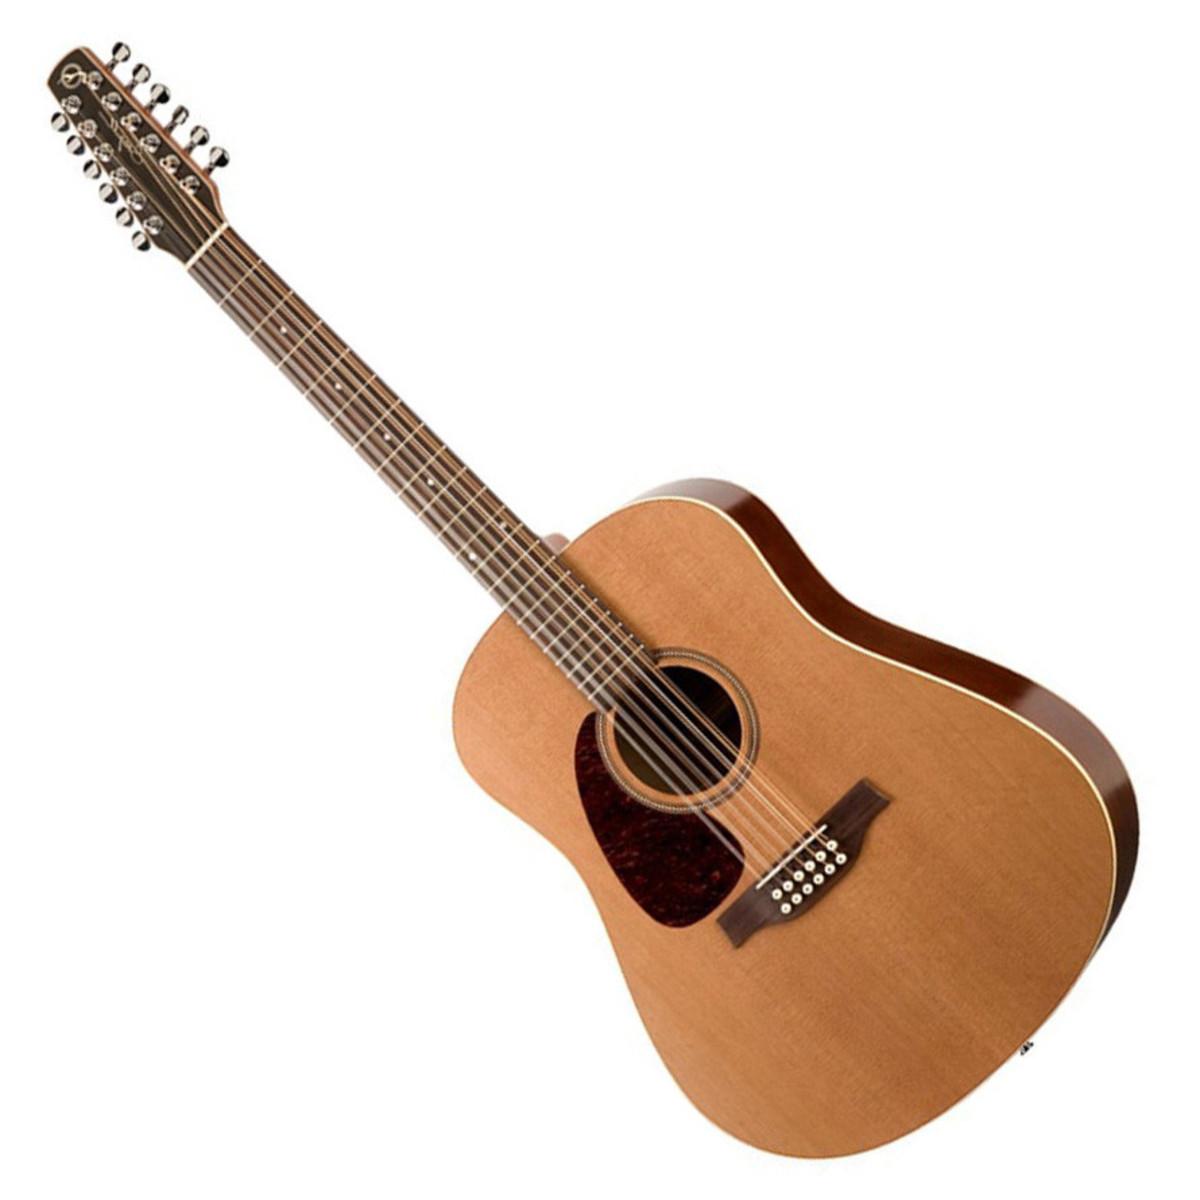 seagull coastline s12 cedar left 12 string acoustic guitar at. Black Bedroom Furniture Sets. Home Design Ideas